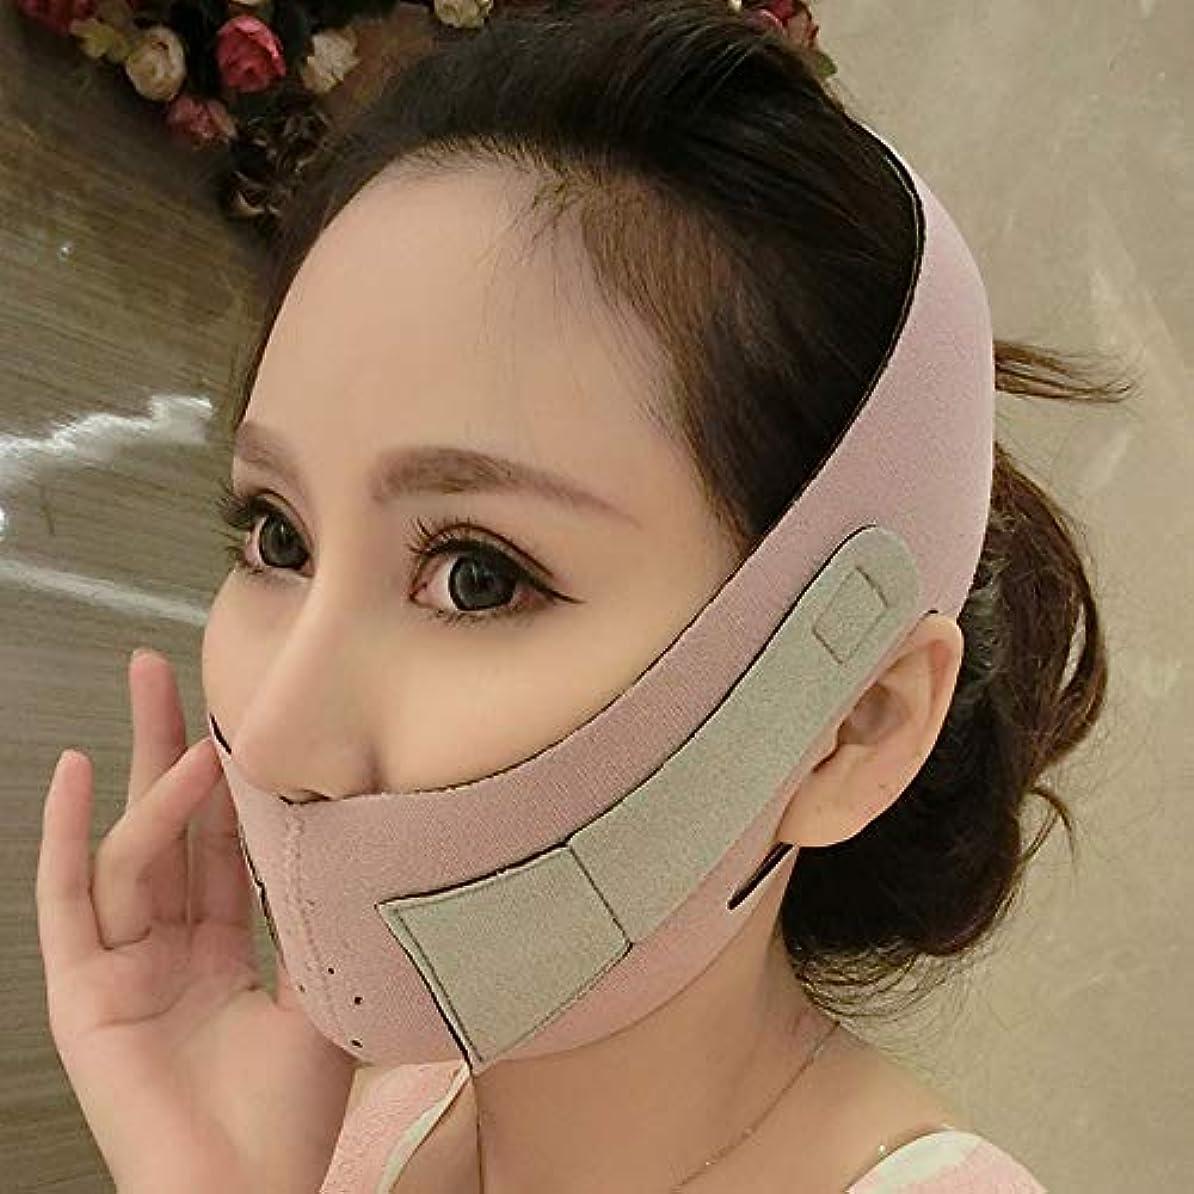 リマーク深さリフトシンフェイス包帯シンフェイスマスクフェイスリフトアーティファクトレイズVフェイスシンフェイスフェイスリフティング美容マスク小フェイス包帯 (色 : B)